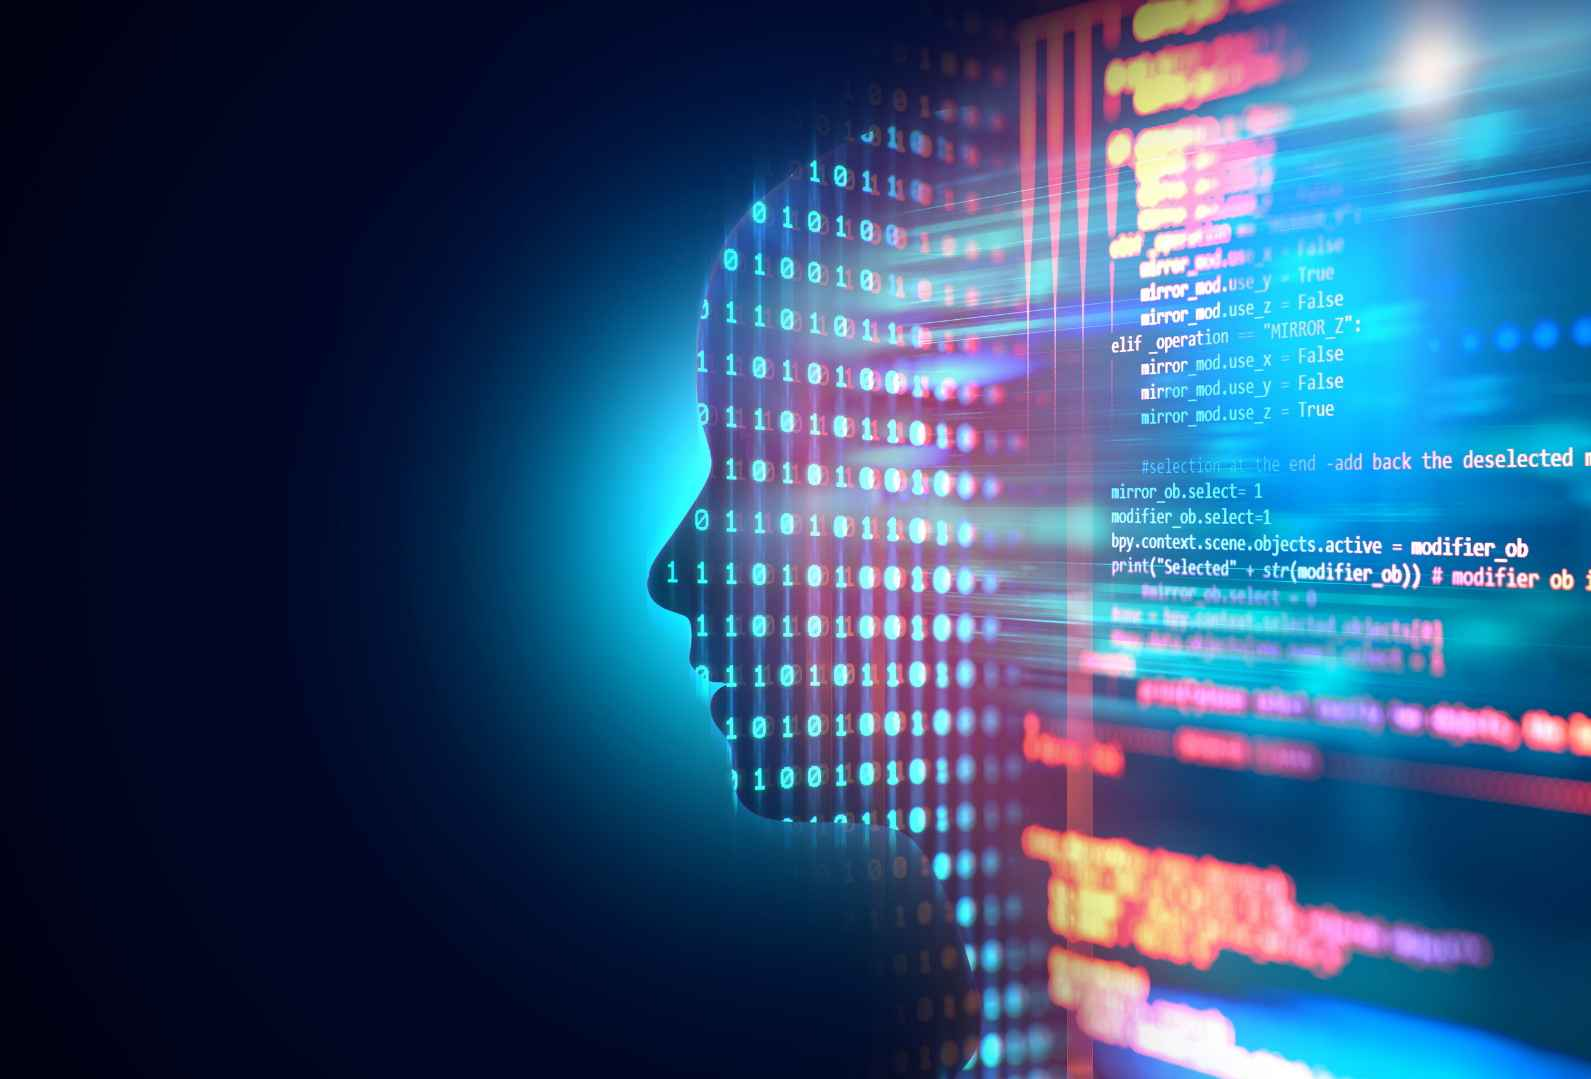 La Inteligencia Artificial, la próxima revolución para la humanidad